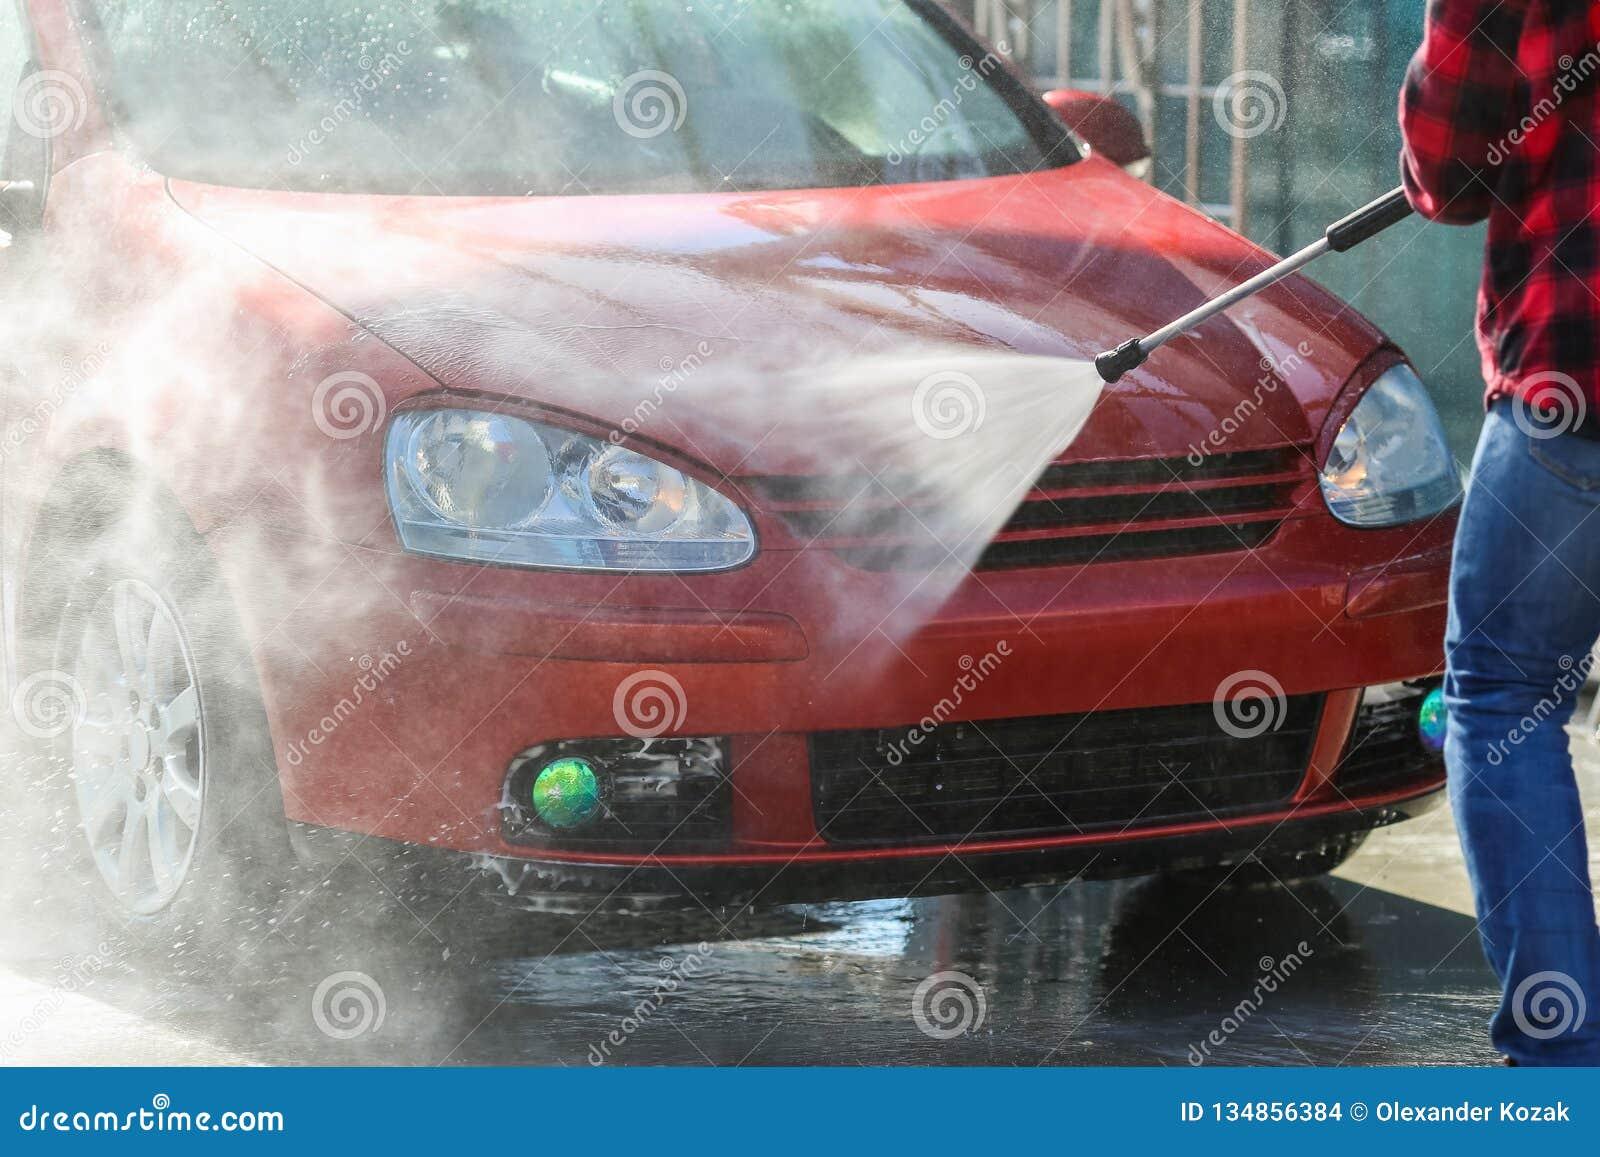 Ręczny samochodowy obmycie z pressurized wodą outside w samochodowym obmyciu Summe domycie Cleaning wysokości naciska Samochodowa